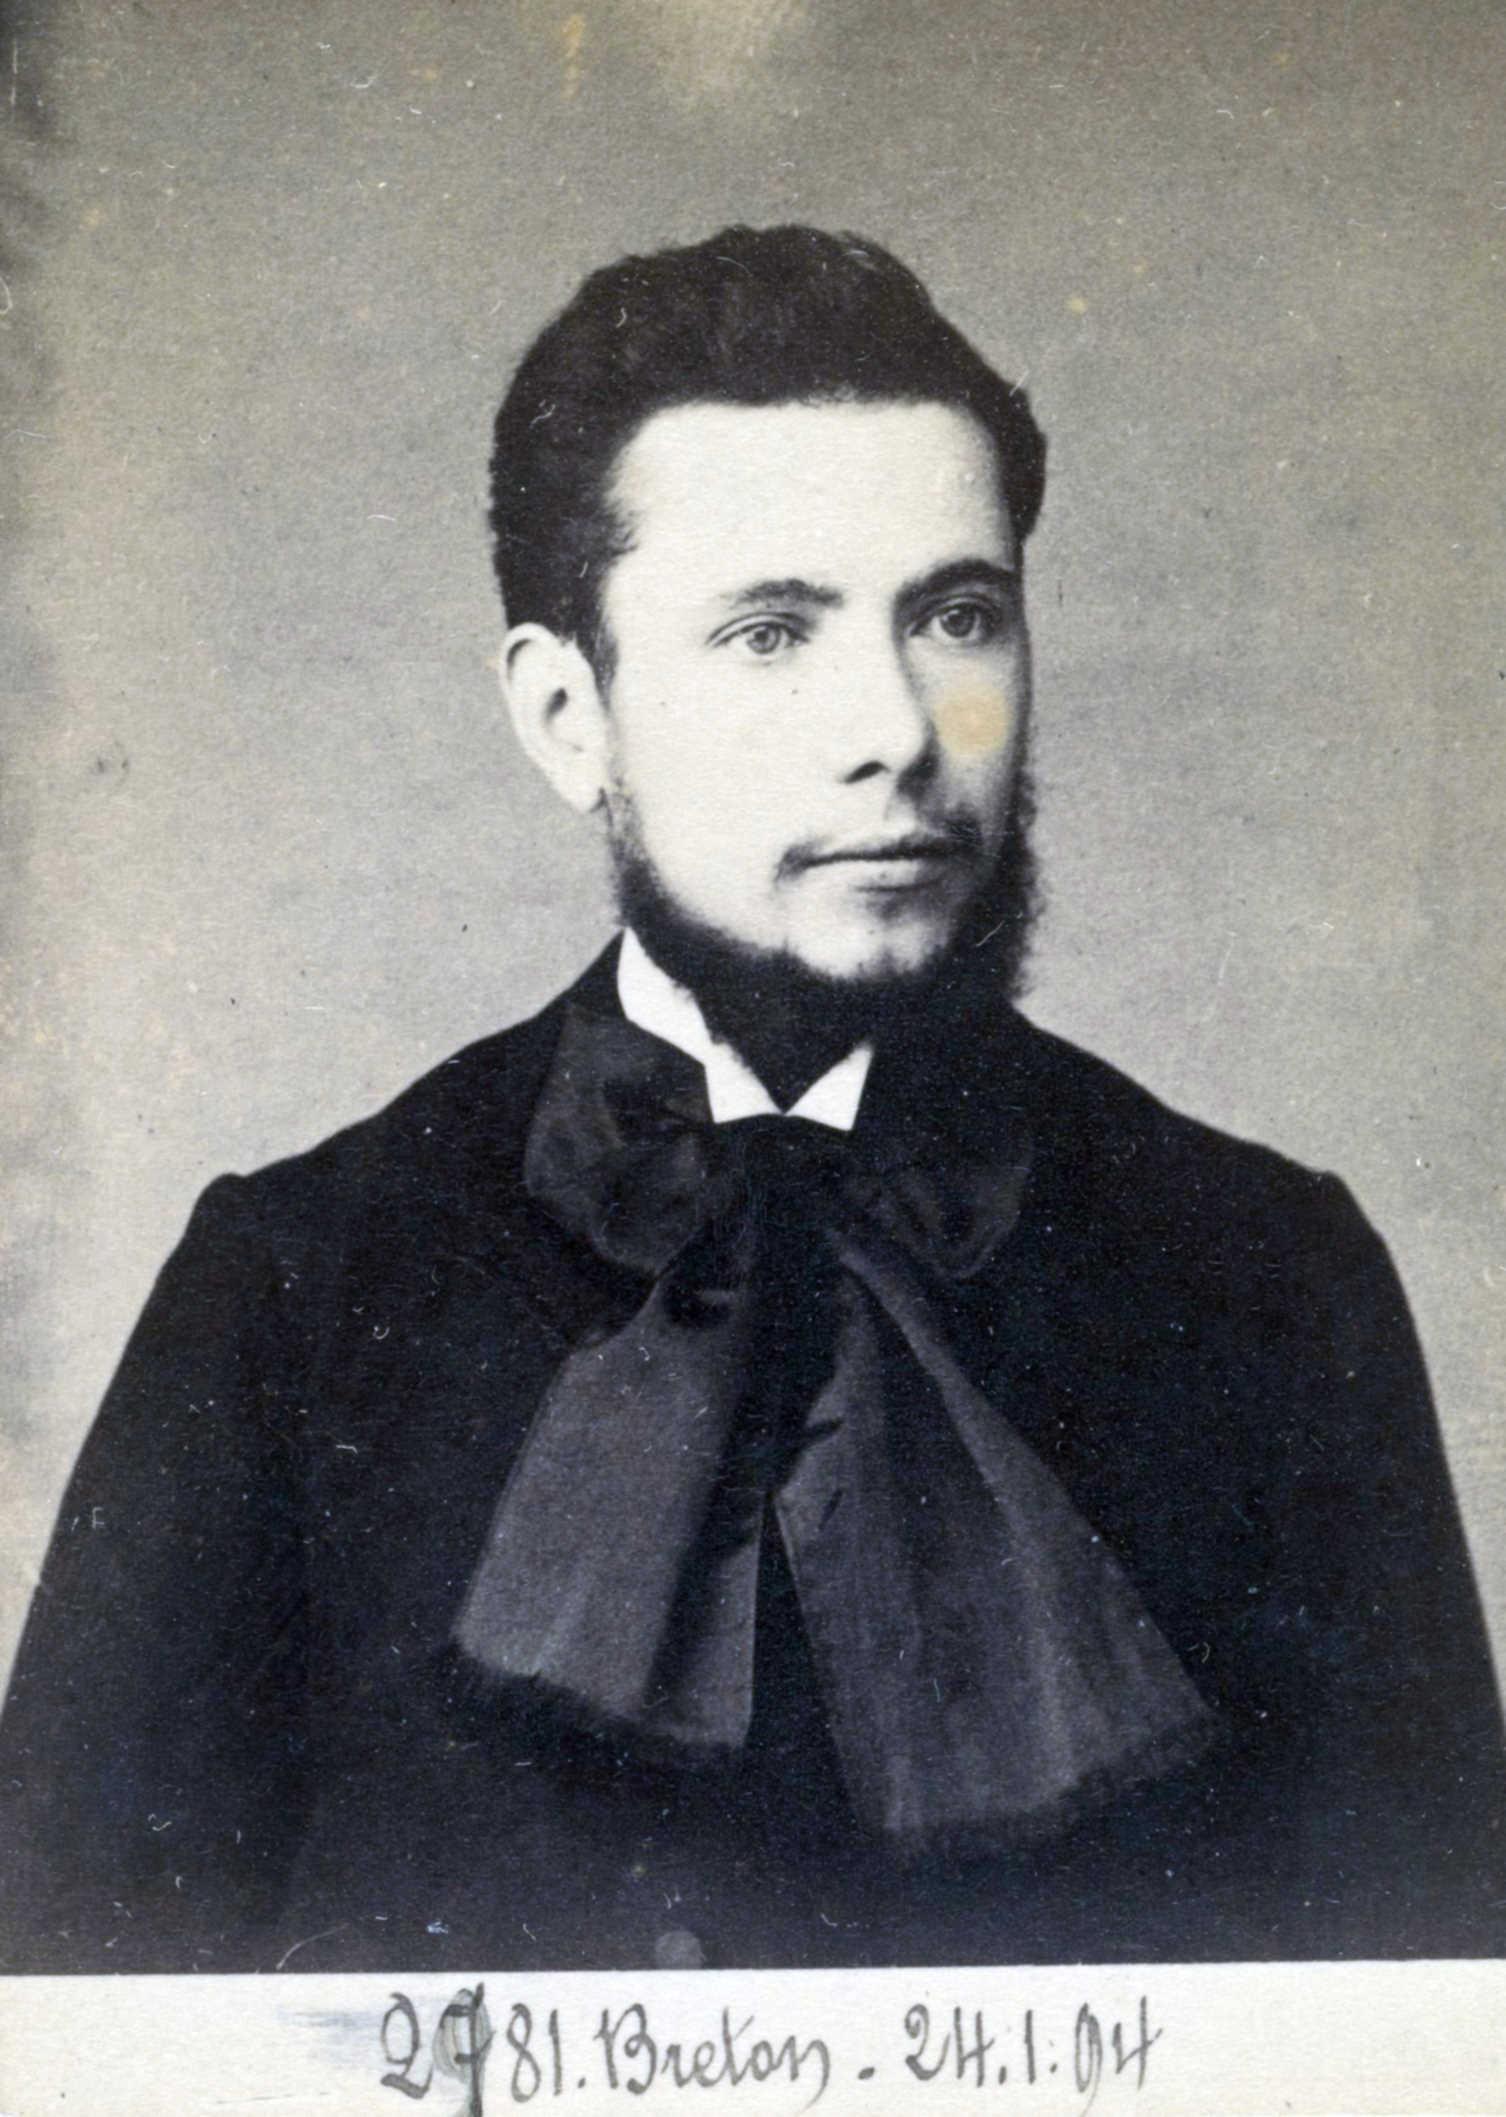 Foto policíaca de Jean Auguste Breton (24 de gener de 1894)